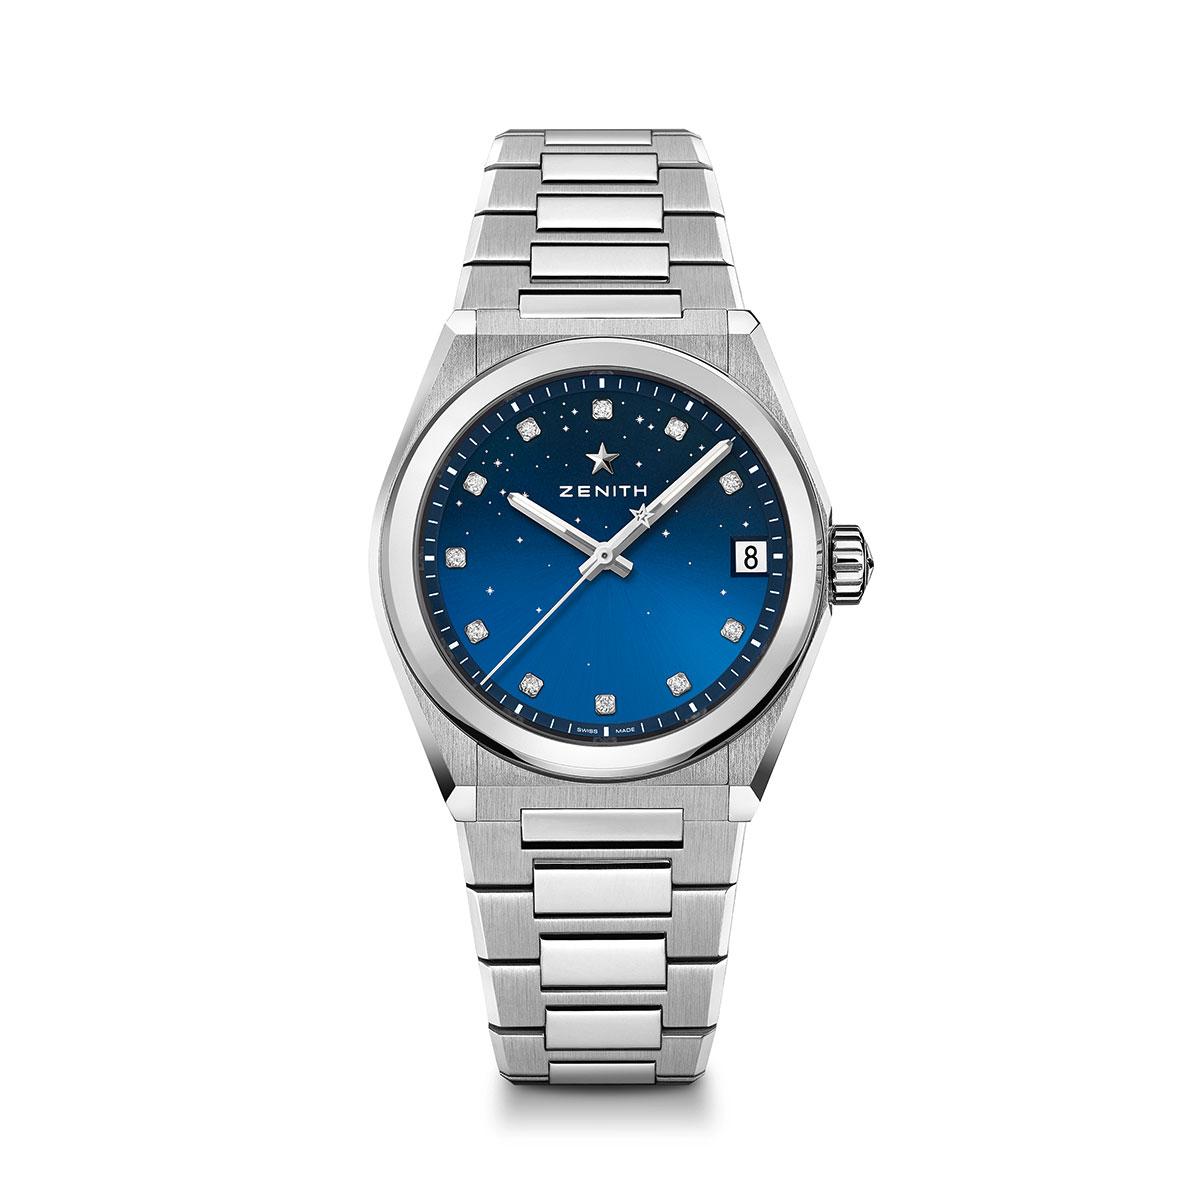 Zenith Defy Midnight 36mm Watch